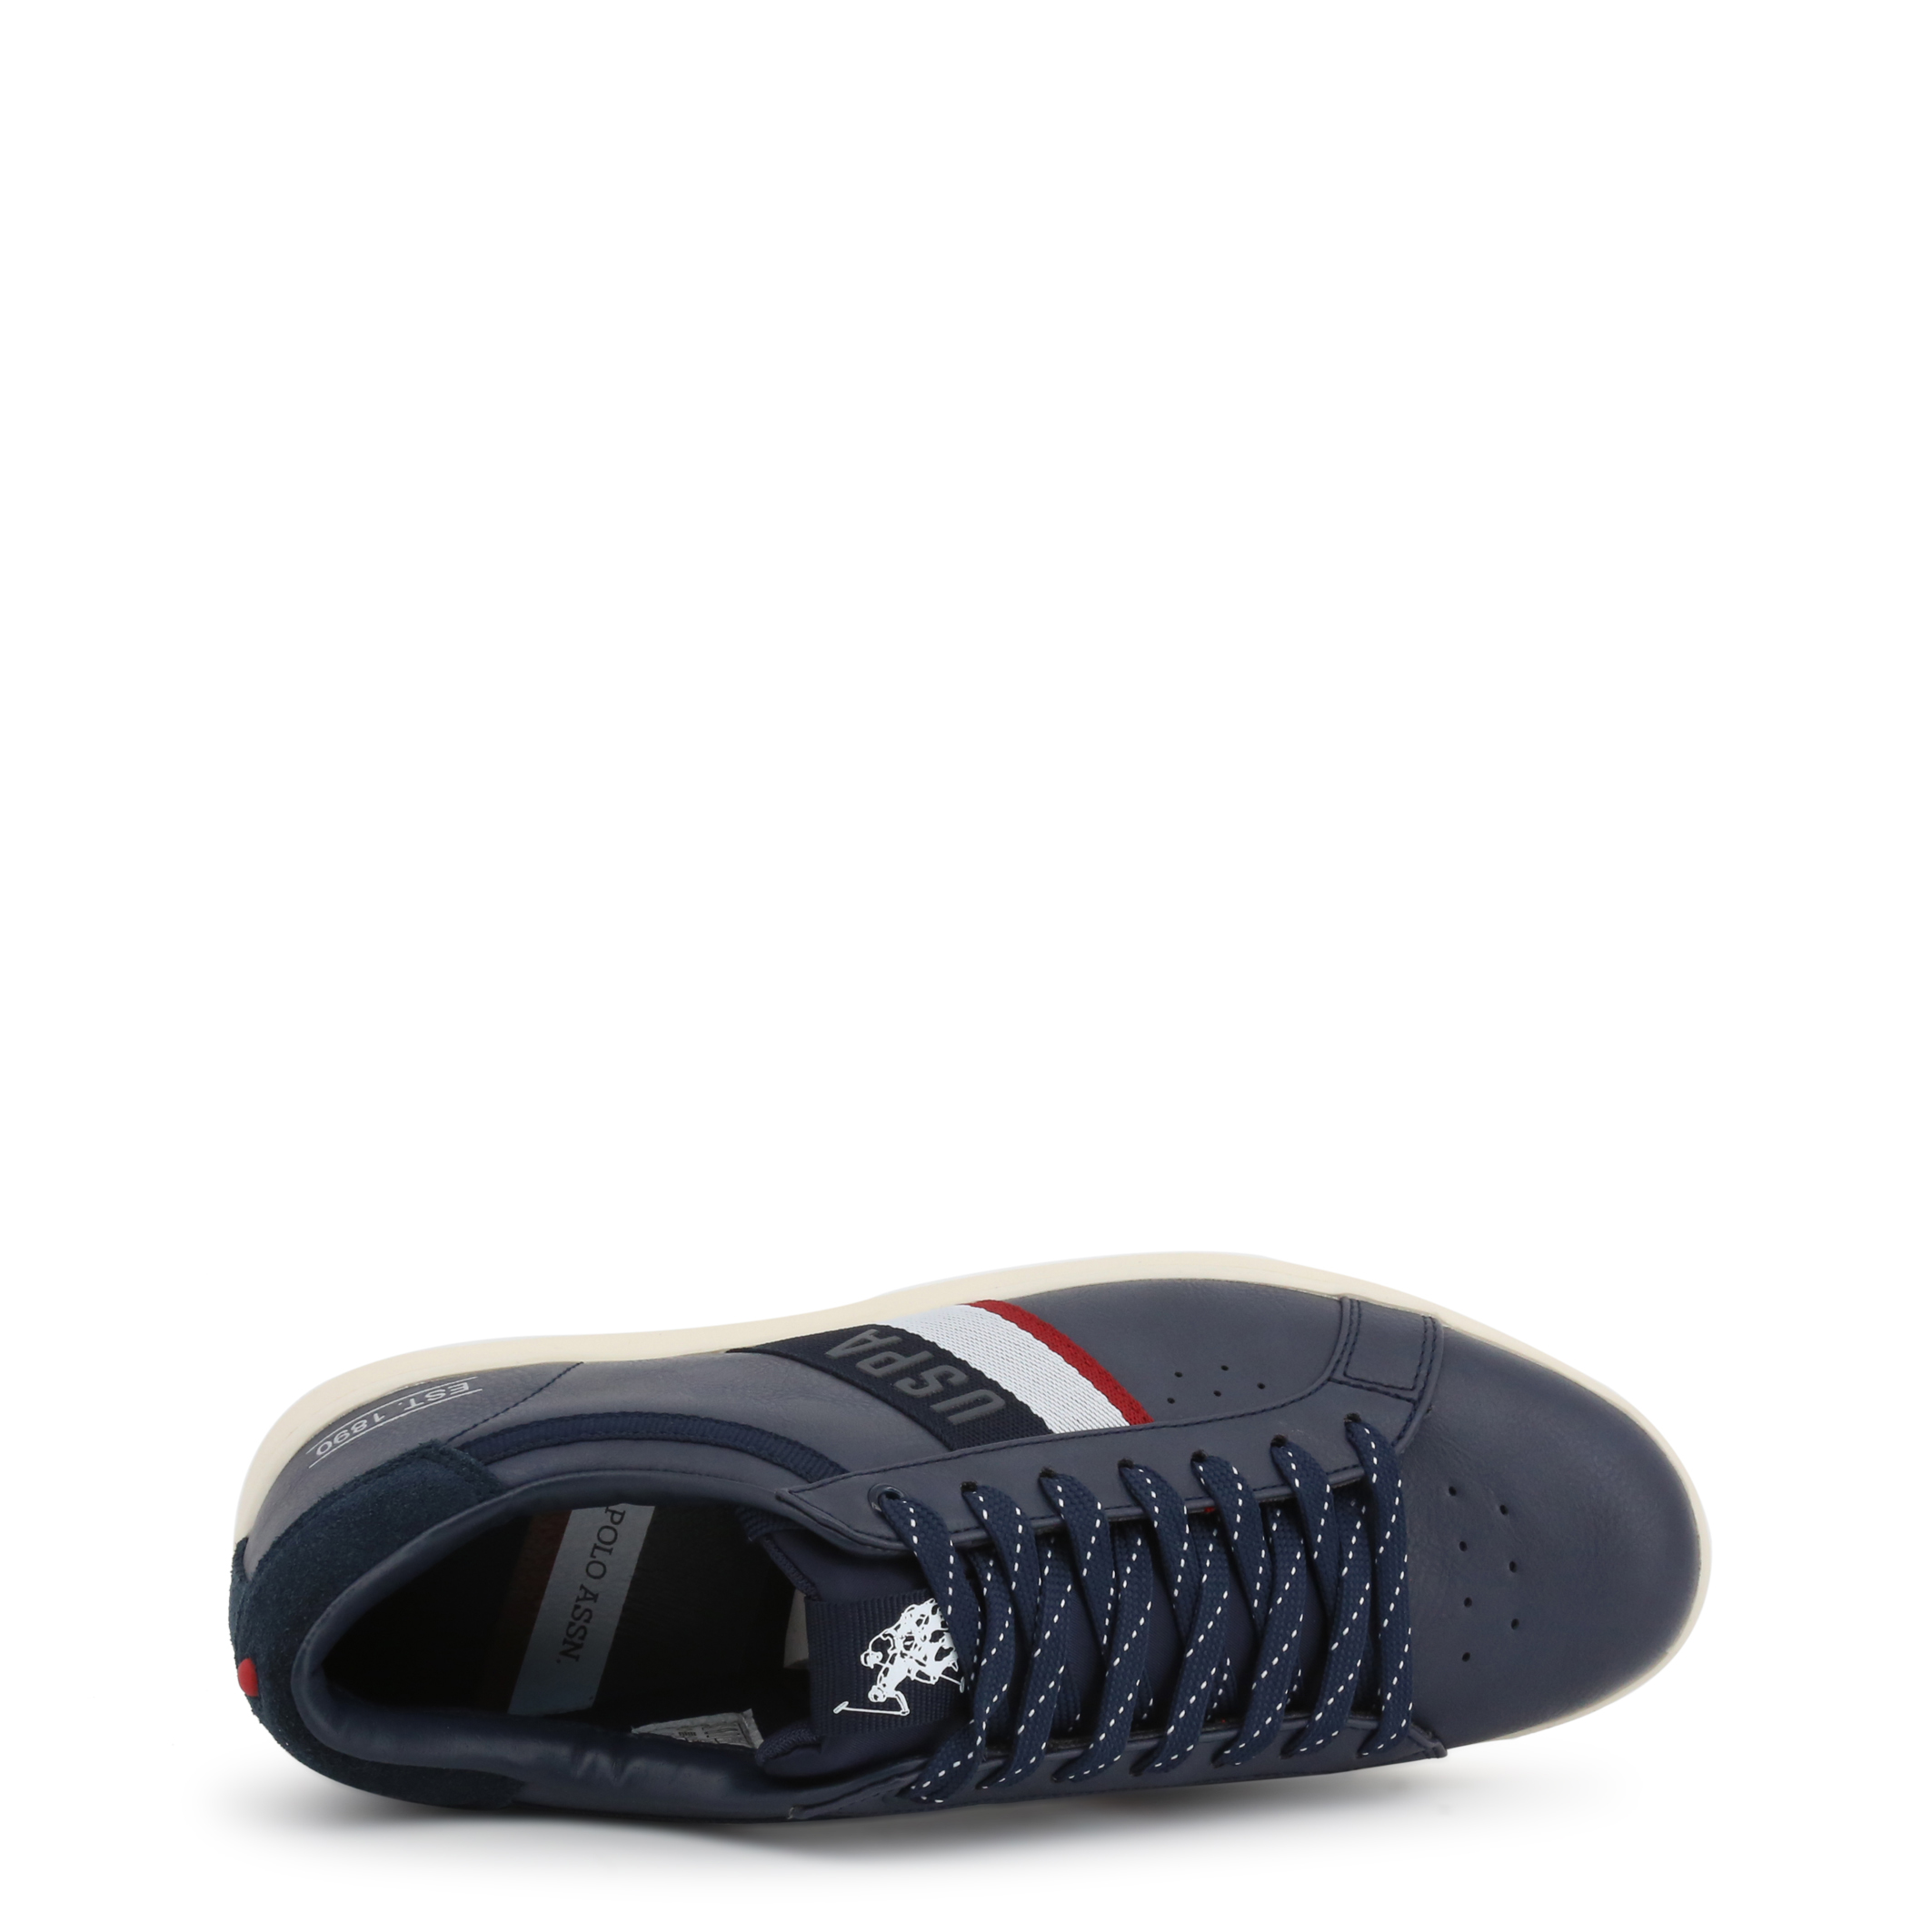 Chaussures de ville  U.S. Polo Assn. JARED4052S9_Y1_DKBL blue